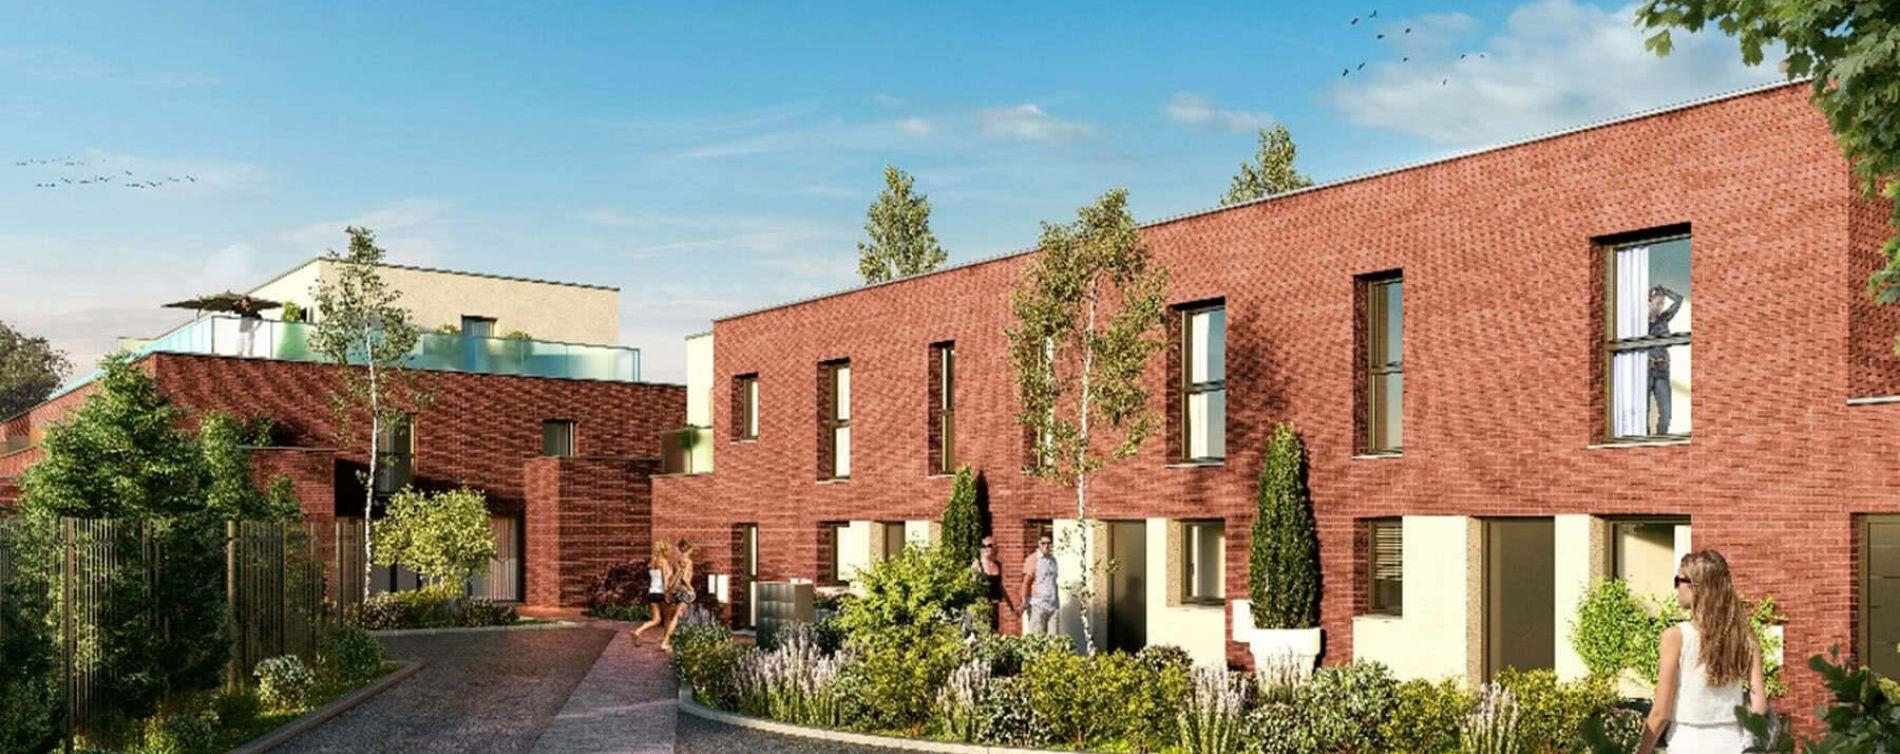 Résidence Villa des Ormes à Lille